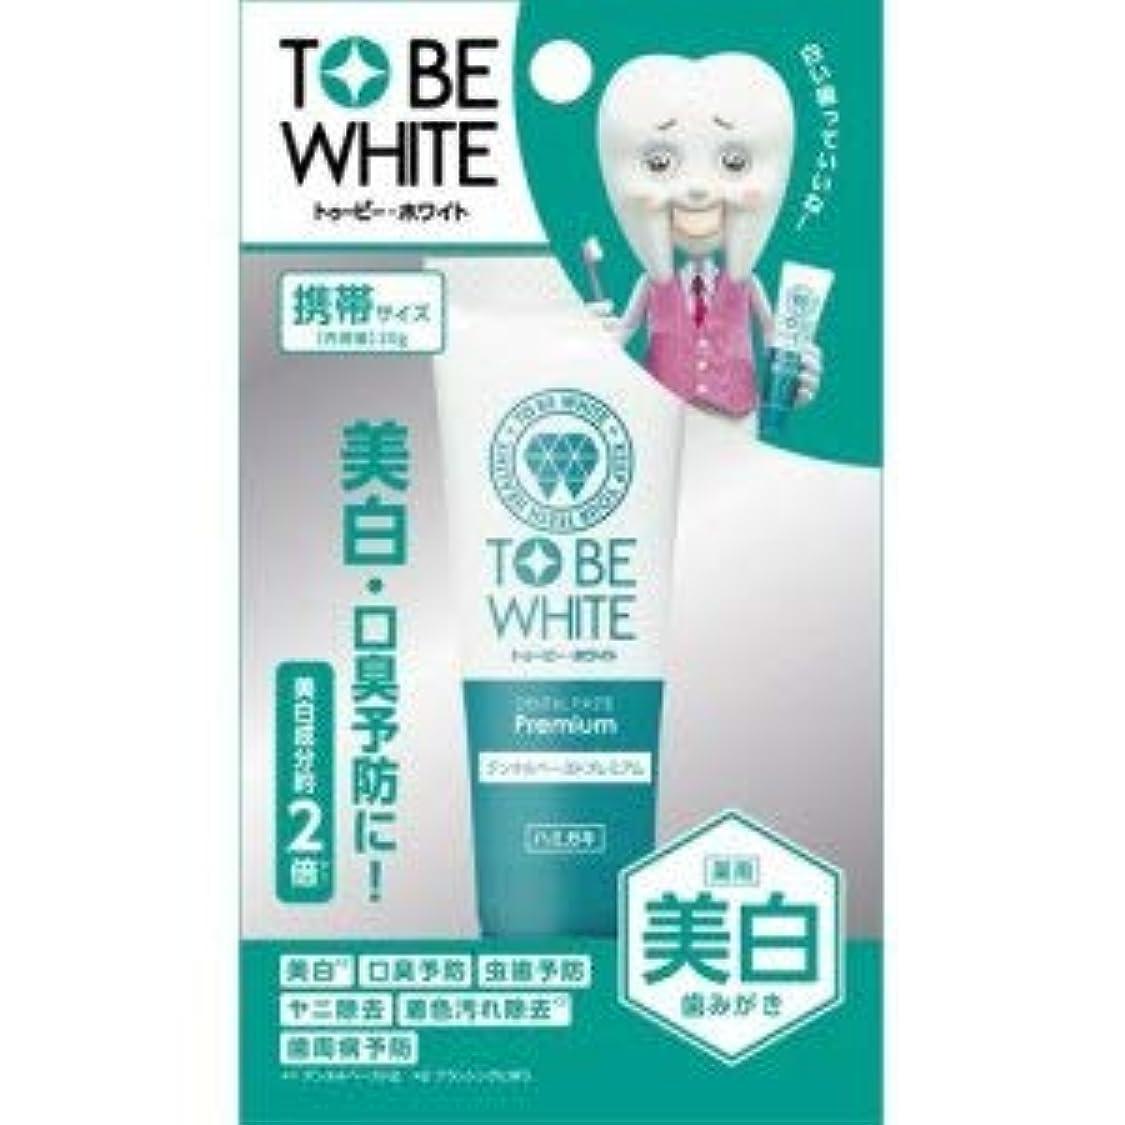 に応じて楽しませる箱トゥービーホワイト 薬用デンタルペースト プレミアム ミニ(20g)